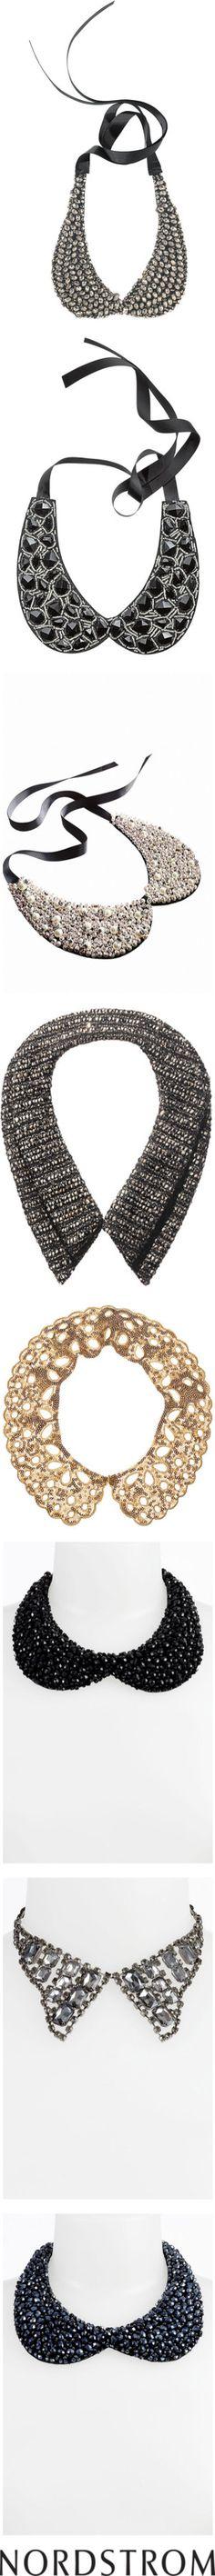 """""""NORDSTROM: Embellished Collars"""" by nordstrom on Polyvore"""